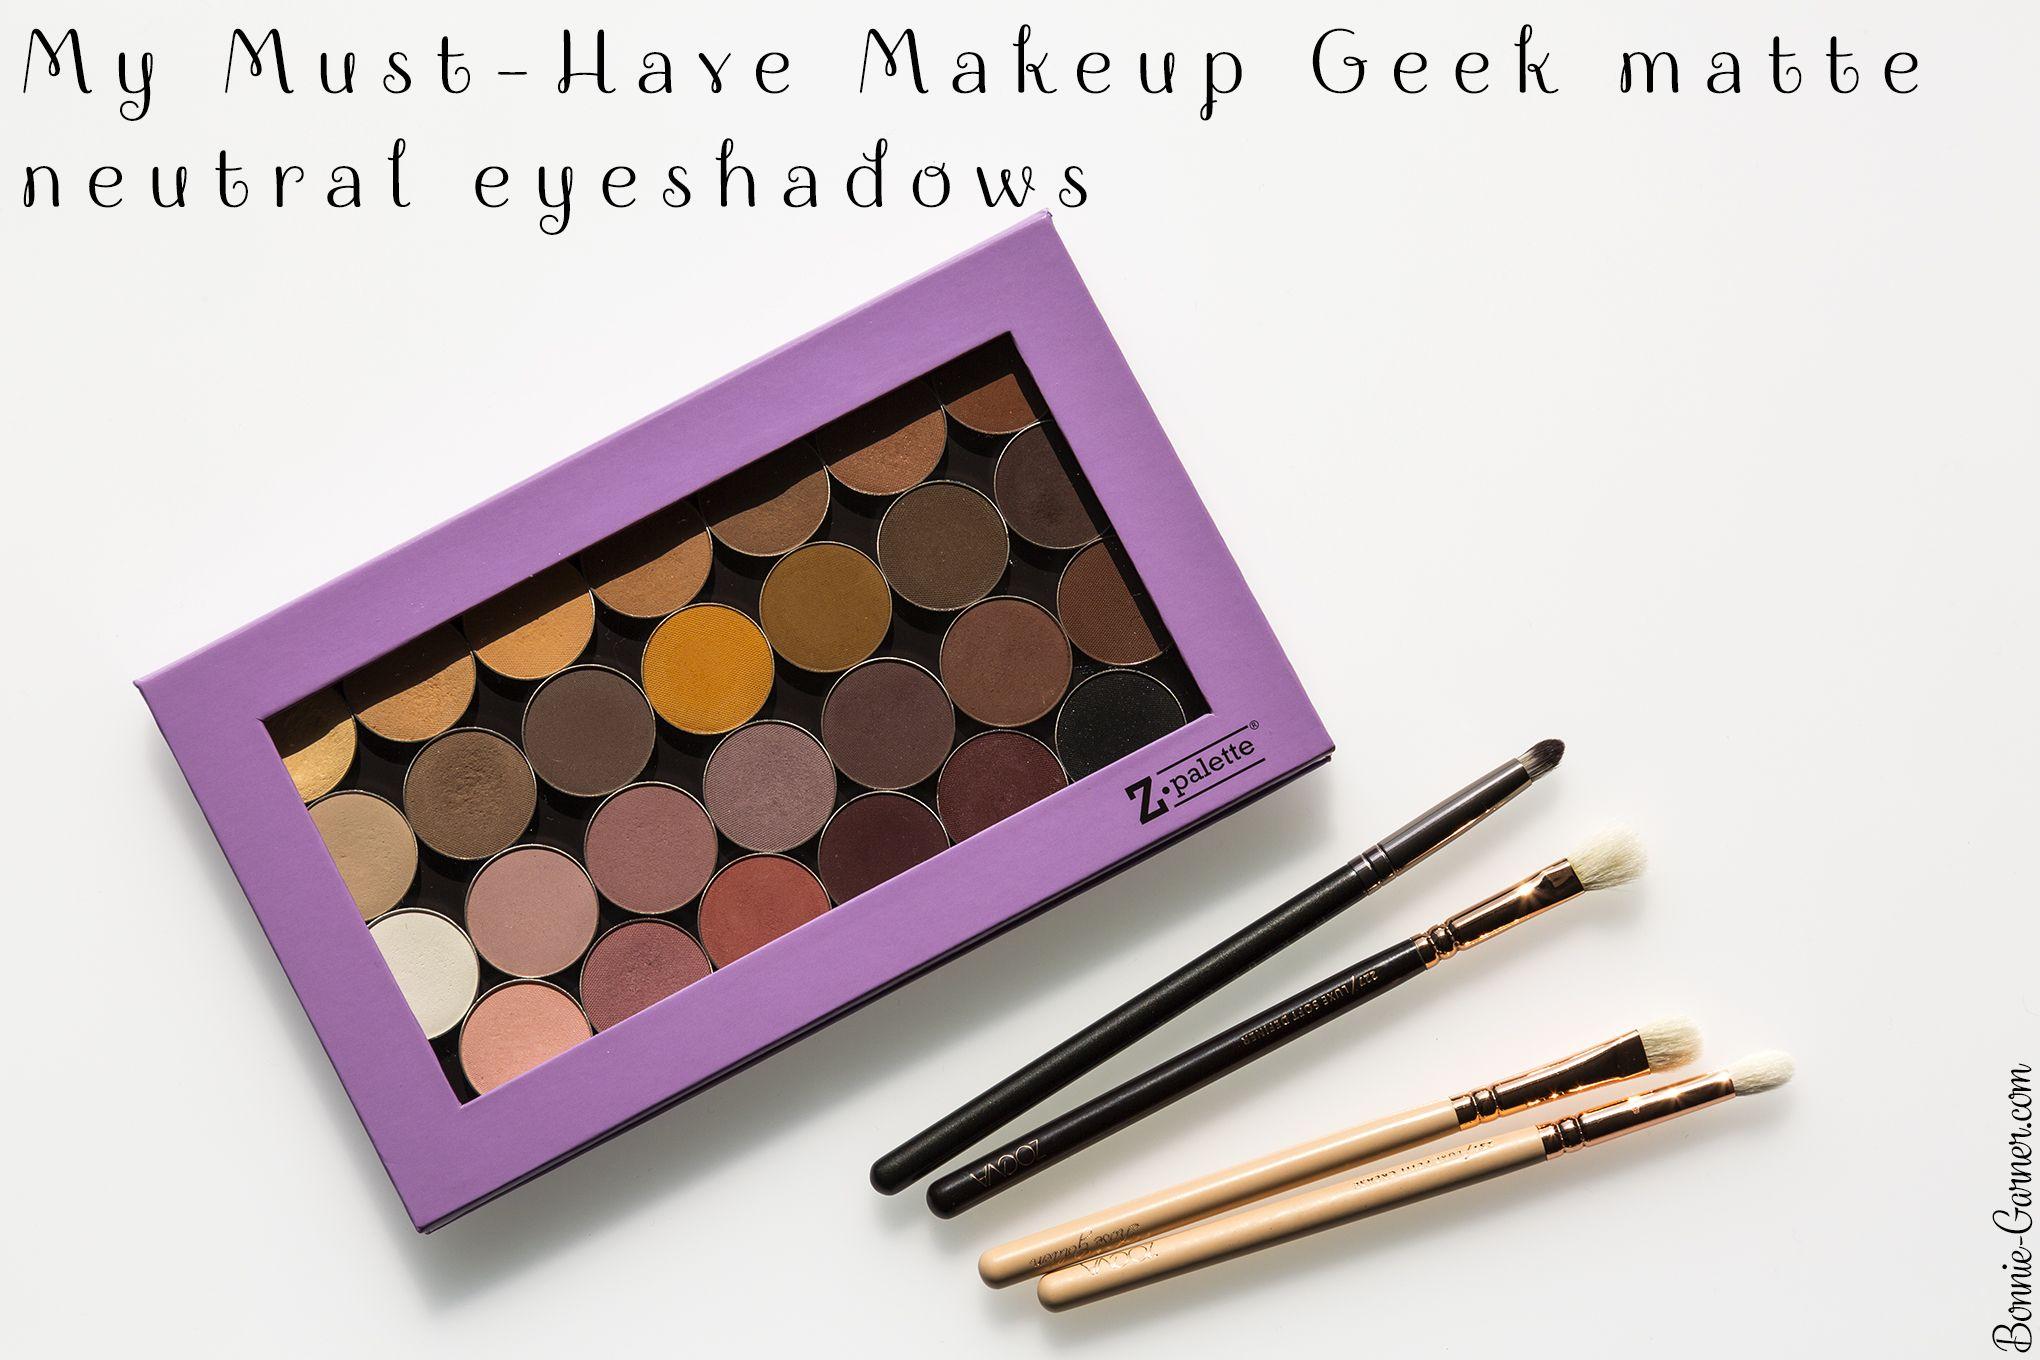 My Must-Have Makeup Geek matte neutral eyeshadows